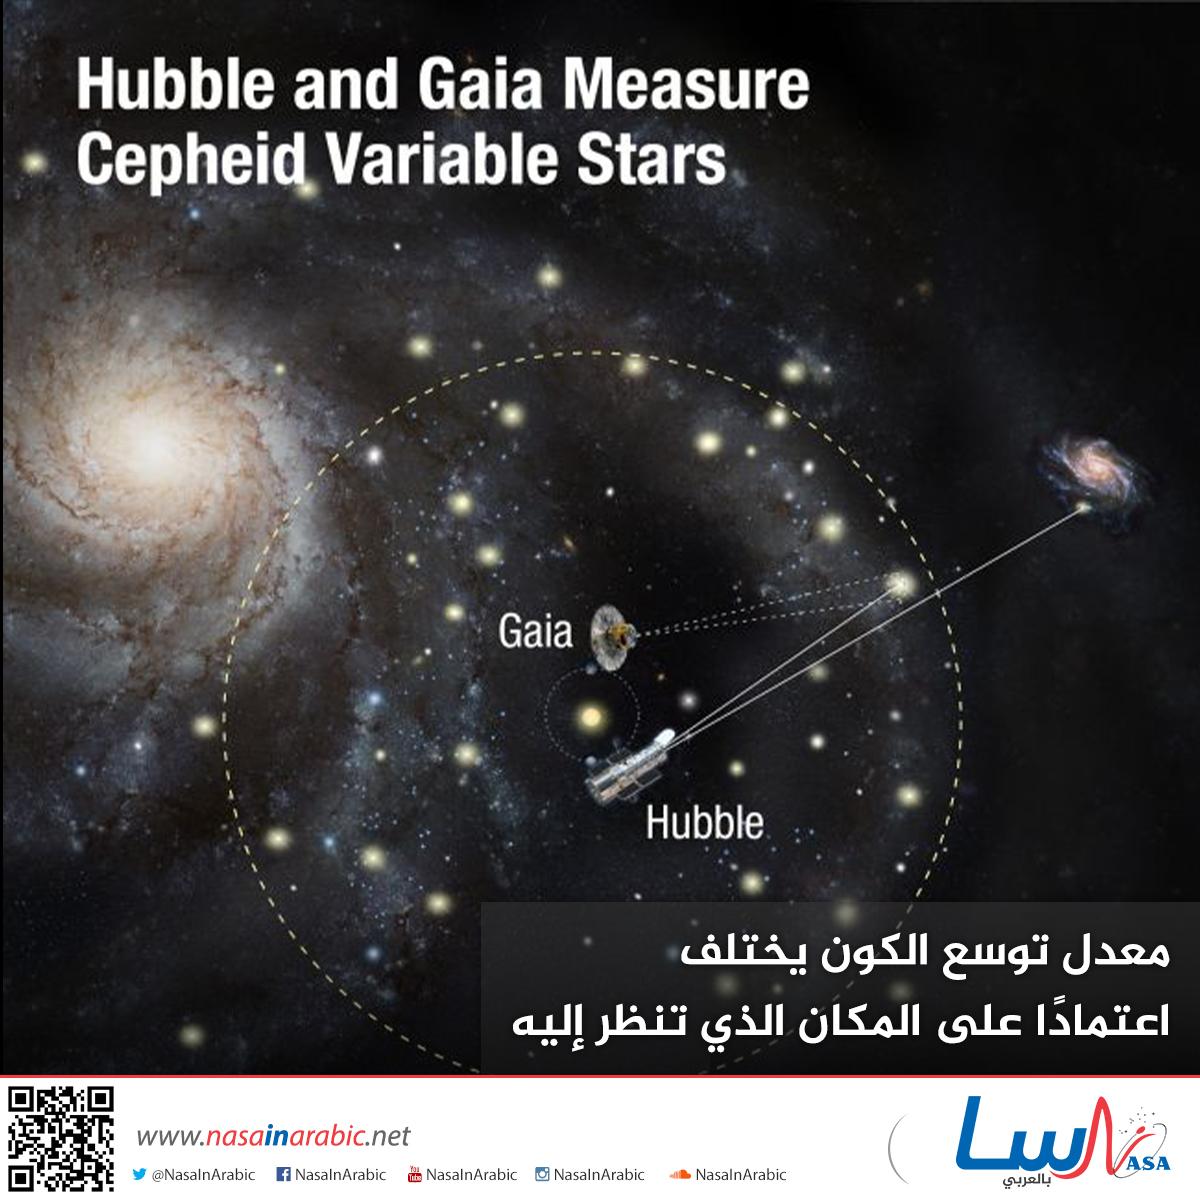 معدل توسع الكون يختلف اعتمادًا على المكان الذي تنظر إليه